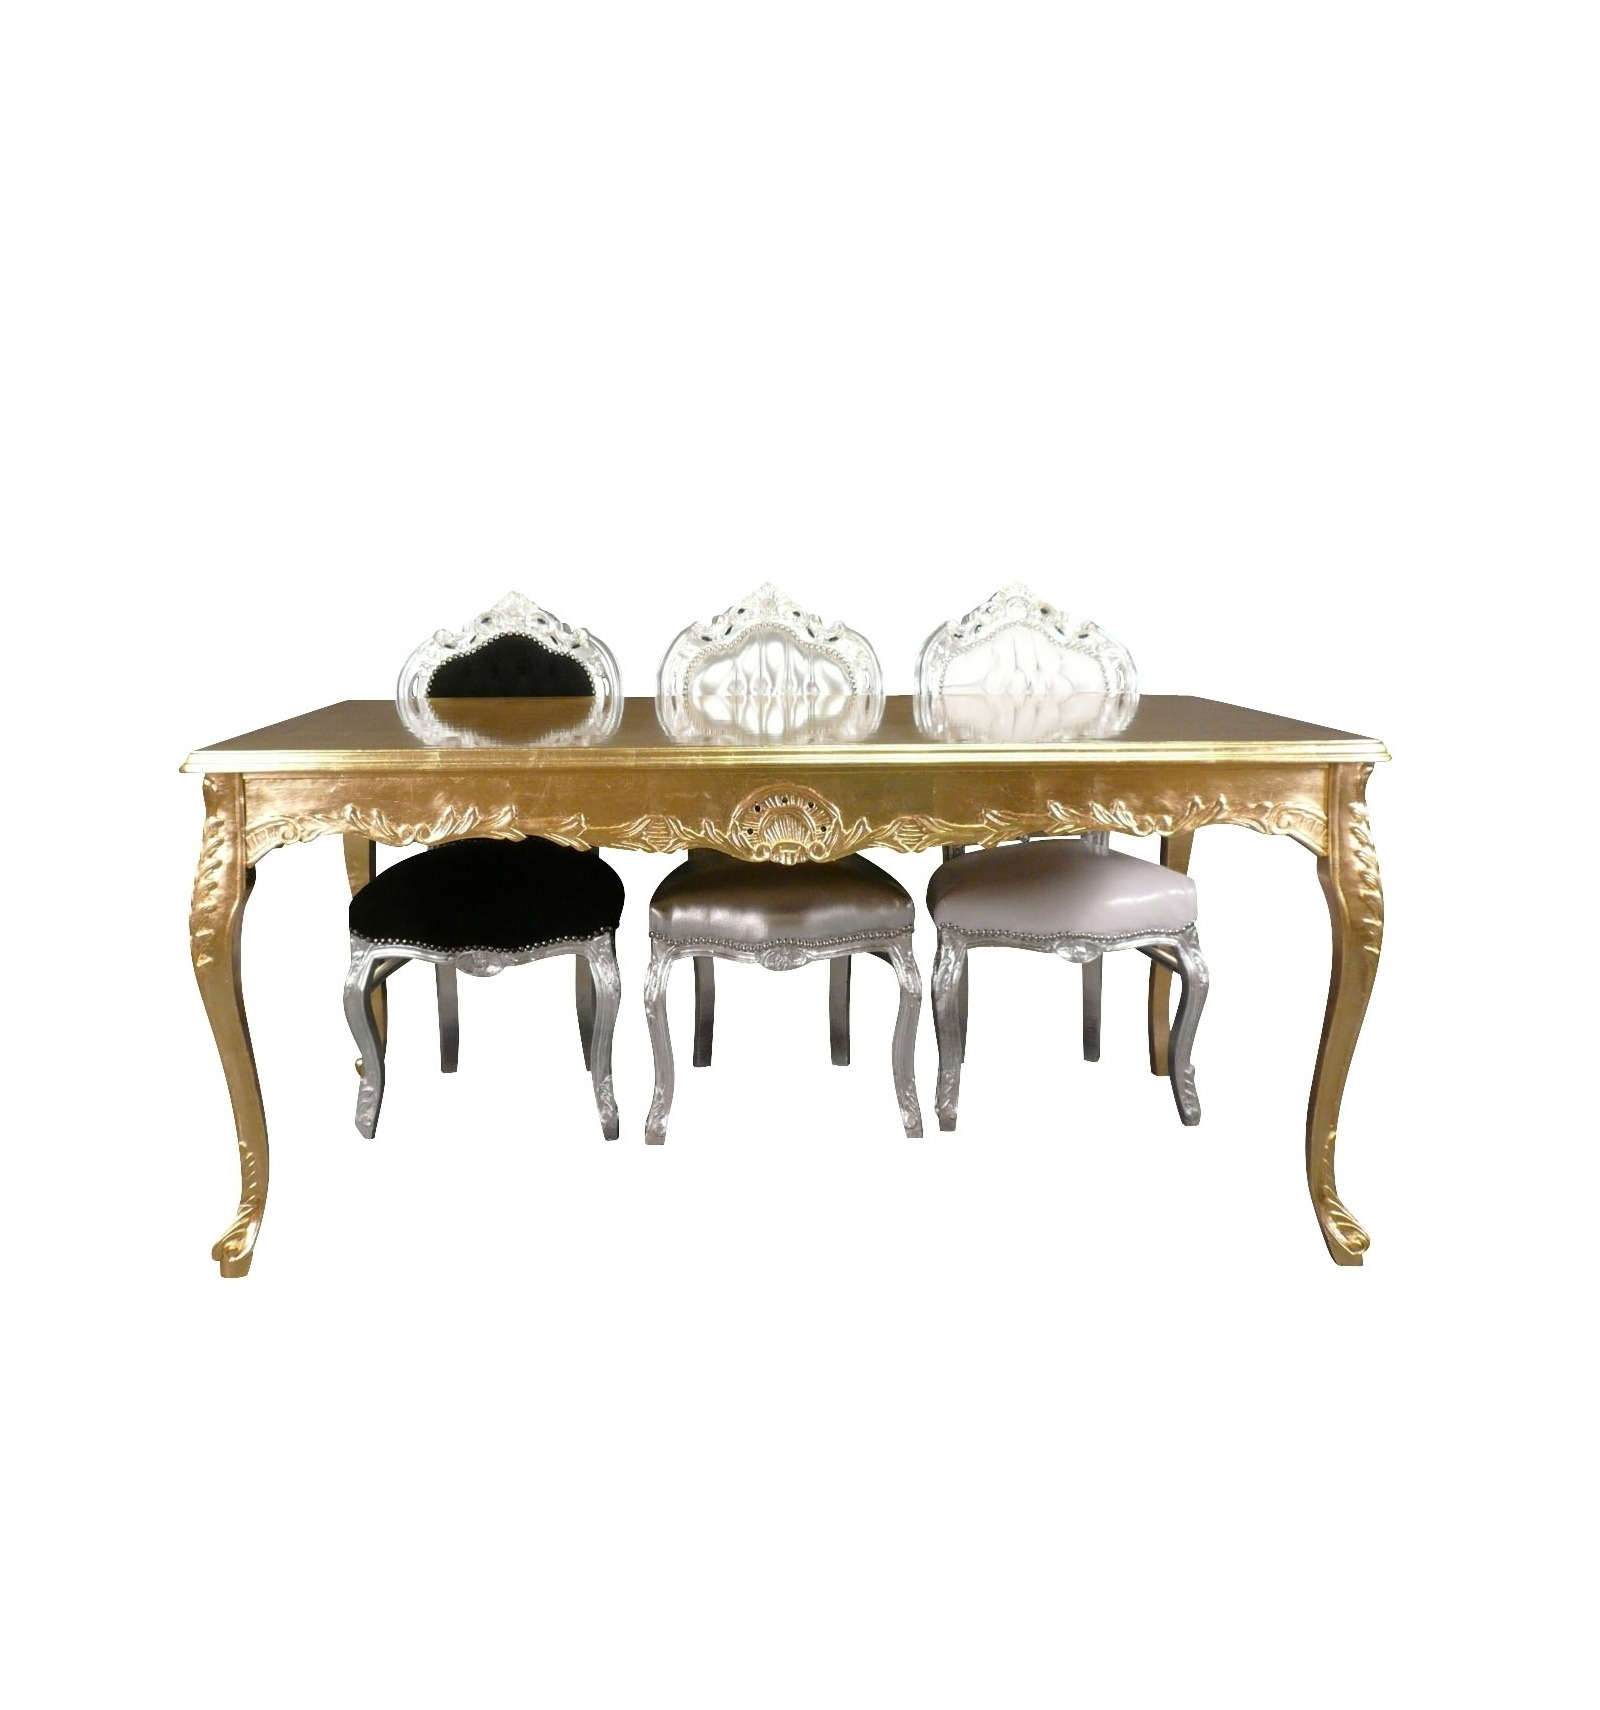 Tavolo Barocco In Legno Dorato Per 8 Persone Mobili Rococo